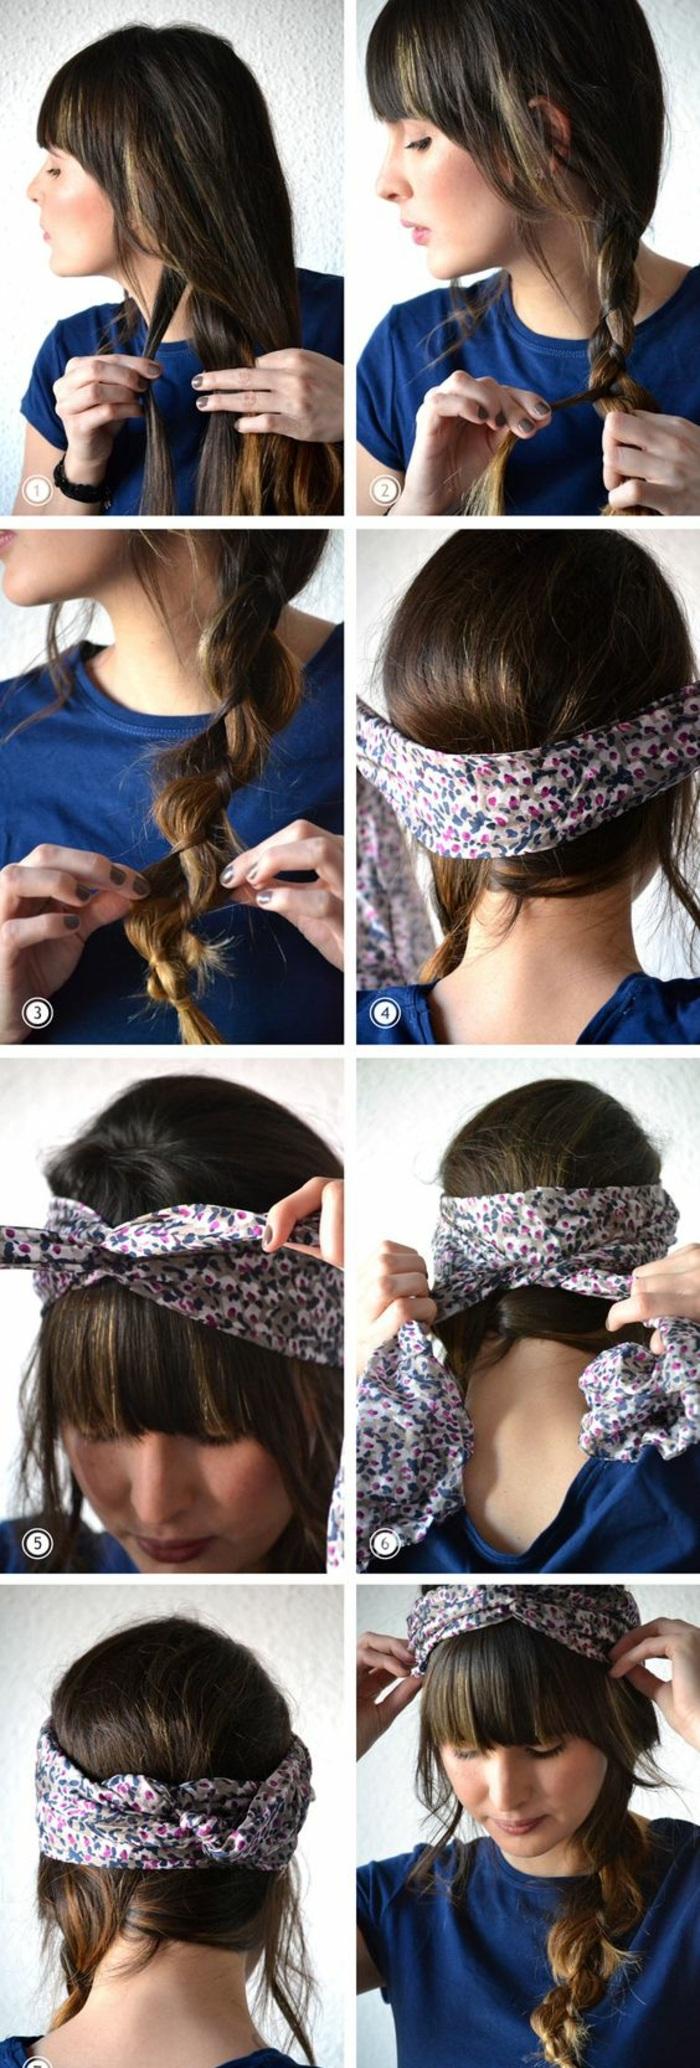 frisuren mit haarband zum selber machen, blaues t-shirt, frisur mit zopf